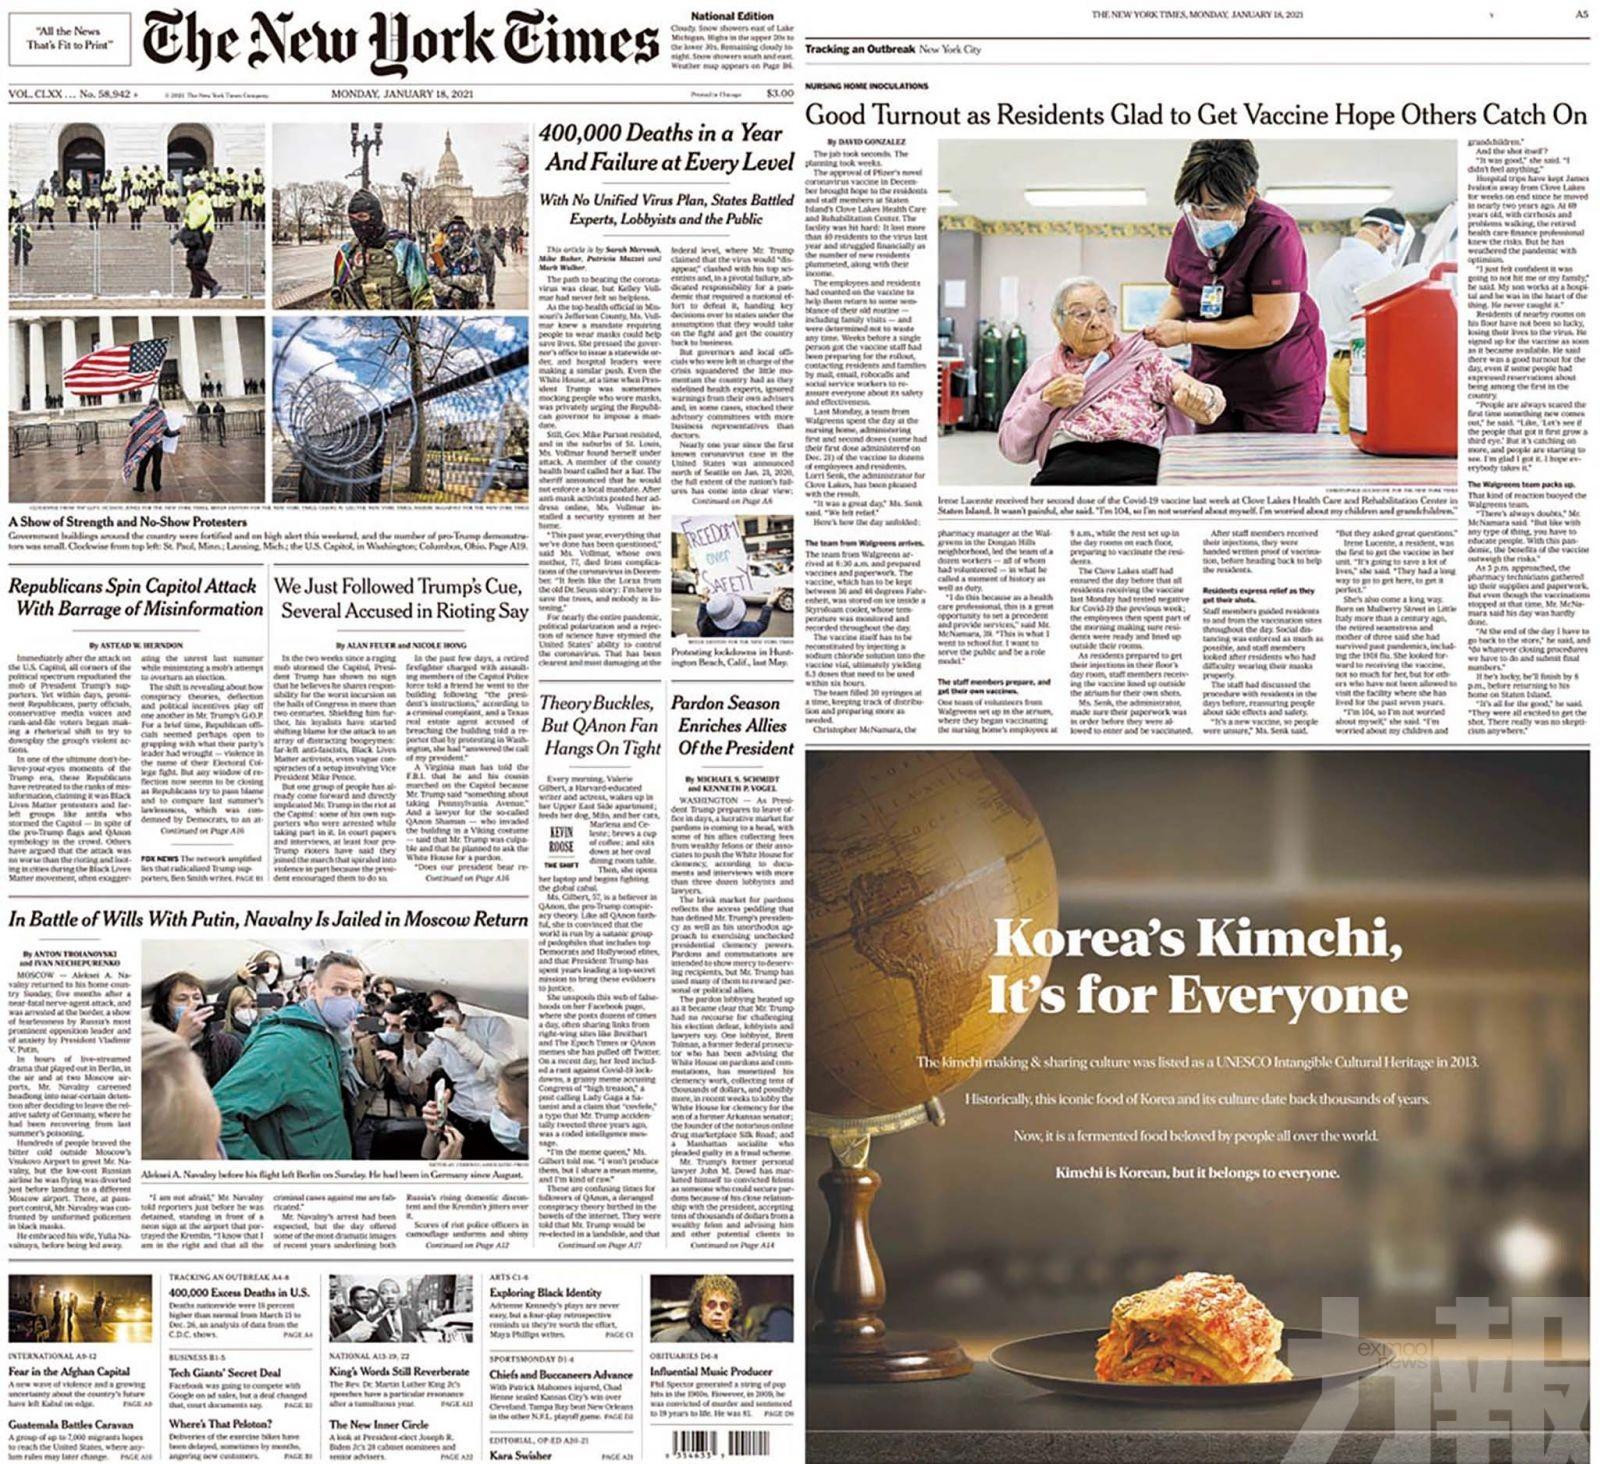 韓教授《紐時》登廣告  發動大外宣